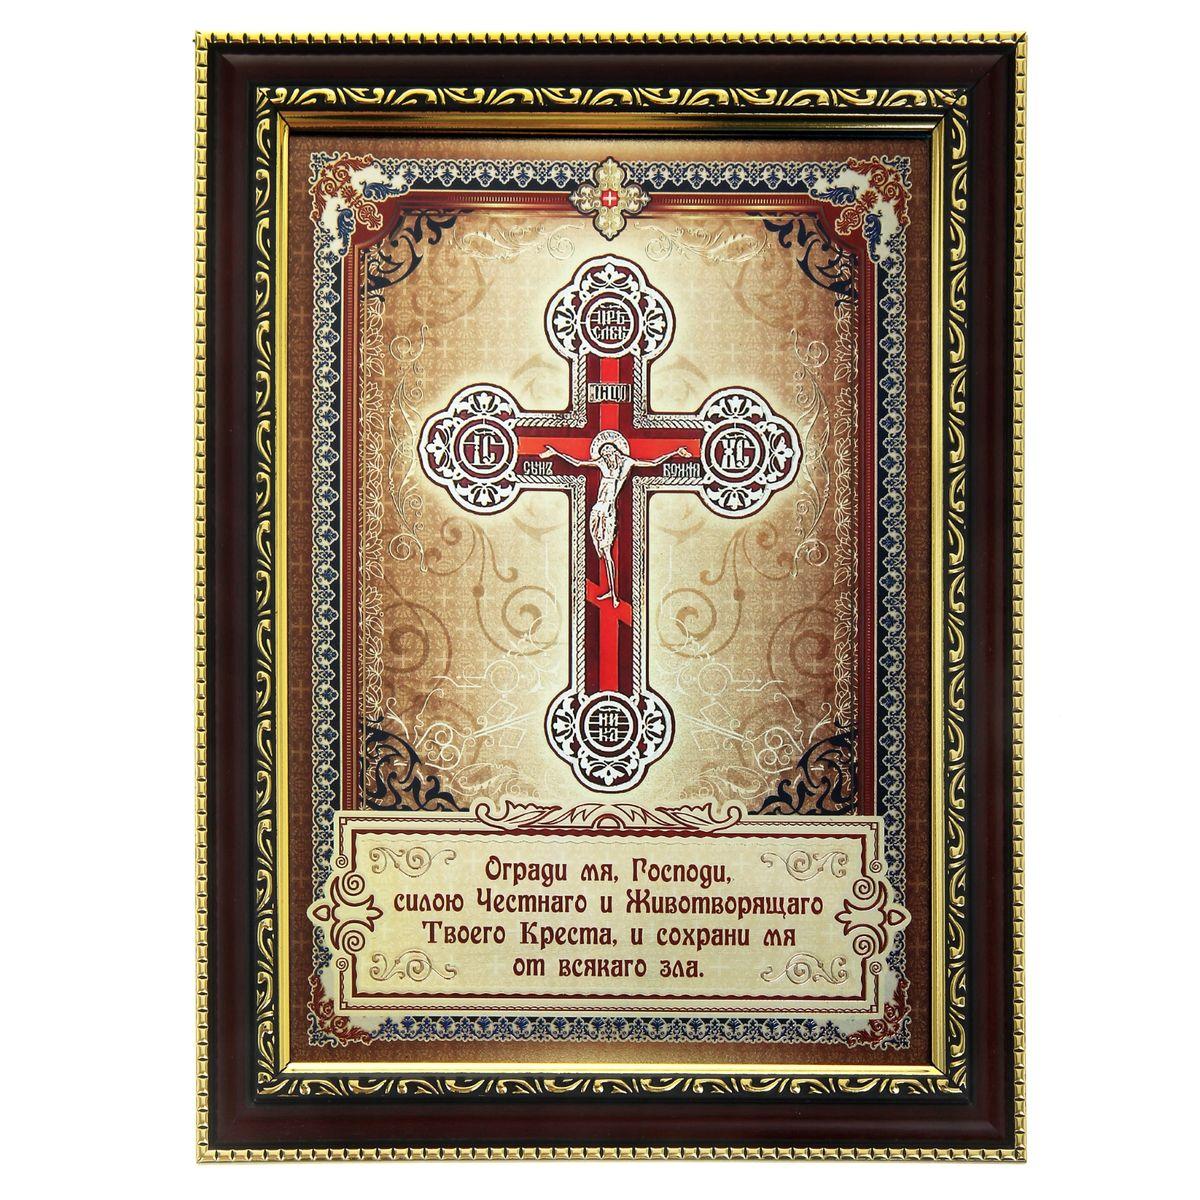 Икона с молитвой Молитва Кресту Господню, 26 х 34,5 см185075Икона Молитва Кресту Господню состоит из деревянной рамки с пластиковым орнаментом и со стеклом, в которую вставлен фольгированный лист с изображением православной иконы и молитвы. С задней стороны имеется ножка для удобного размещения на плоской горизонтальной поверхности. Изображенный образ полностью соответствует канонам Русской Православной Церкви. Такая икона в рамке привнесет в ваш дом согласие и мир и будет прекрасным подарком, оберегающим близких вам людей.